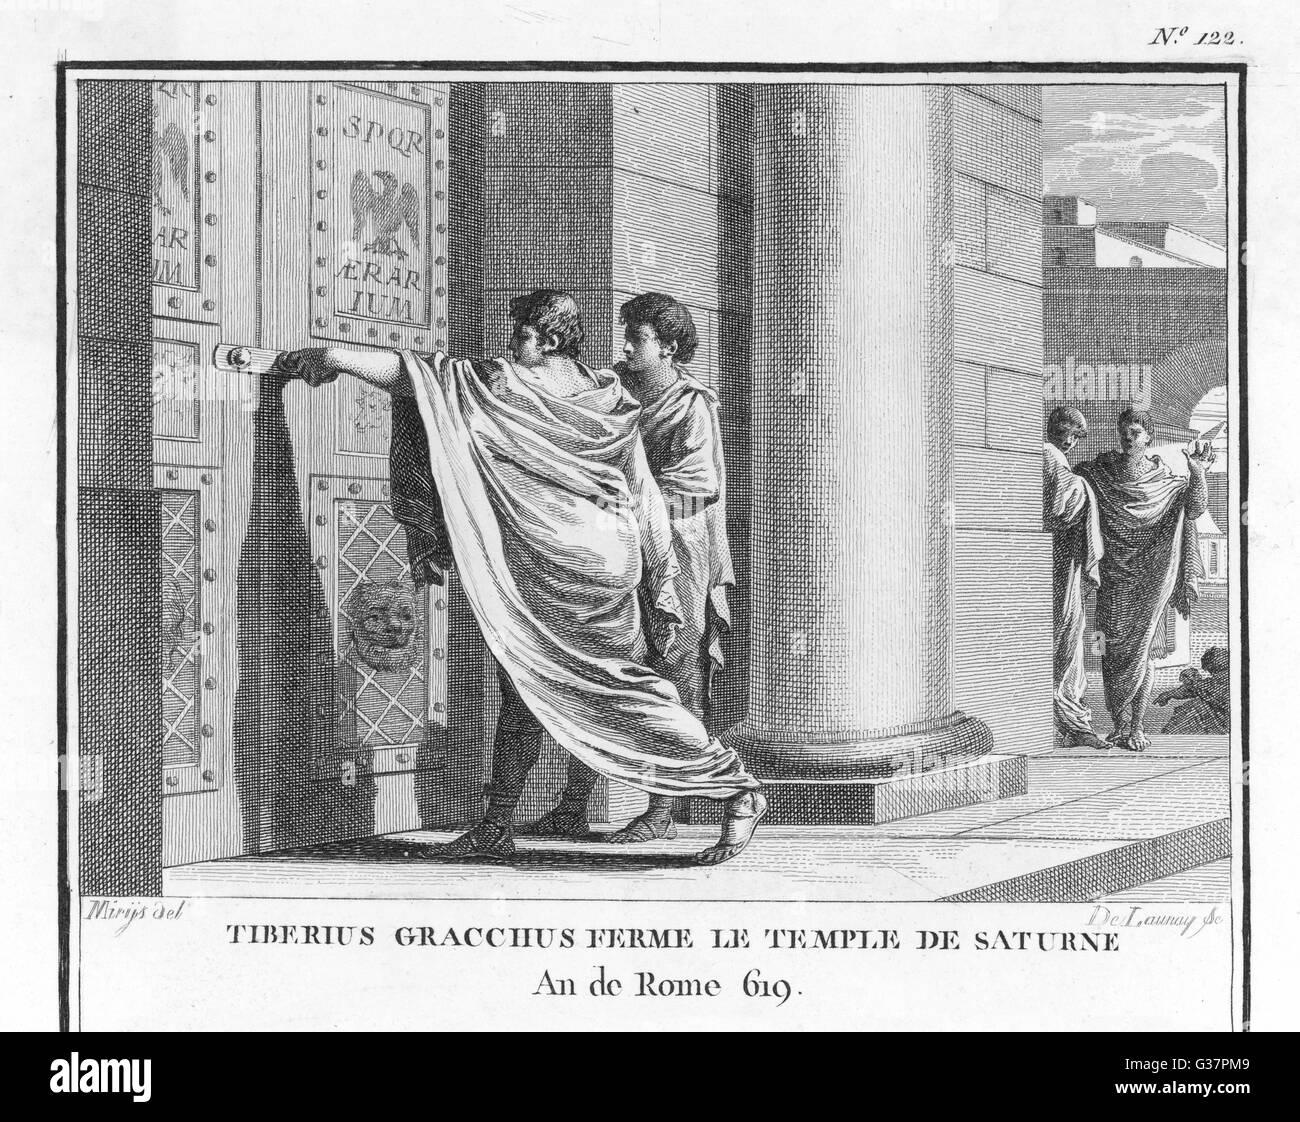 tiberius gracchus Tiberius sempronius gracchus, né en 168 ou 163 av j-c [1] et mort en 133 av j-c, forme avec son frère gaius gracchus les « gracques.